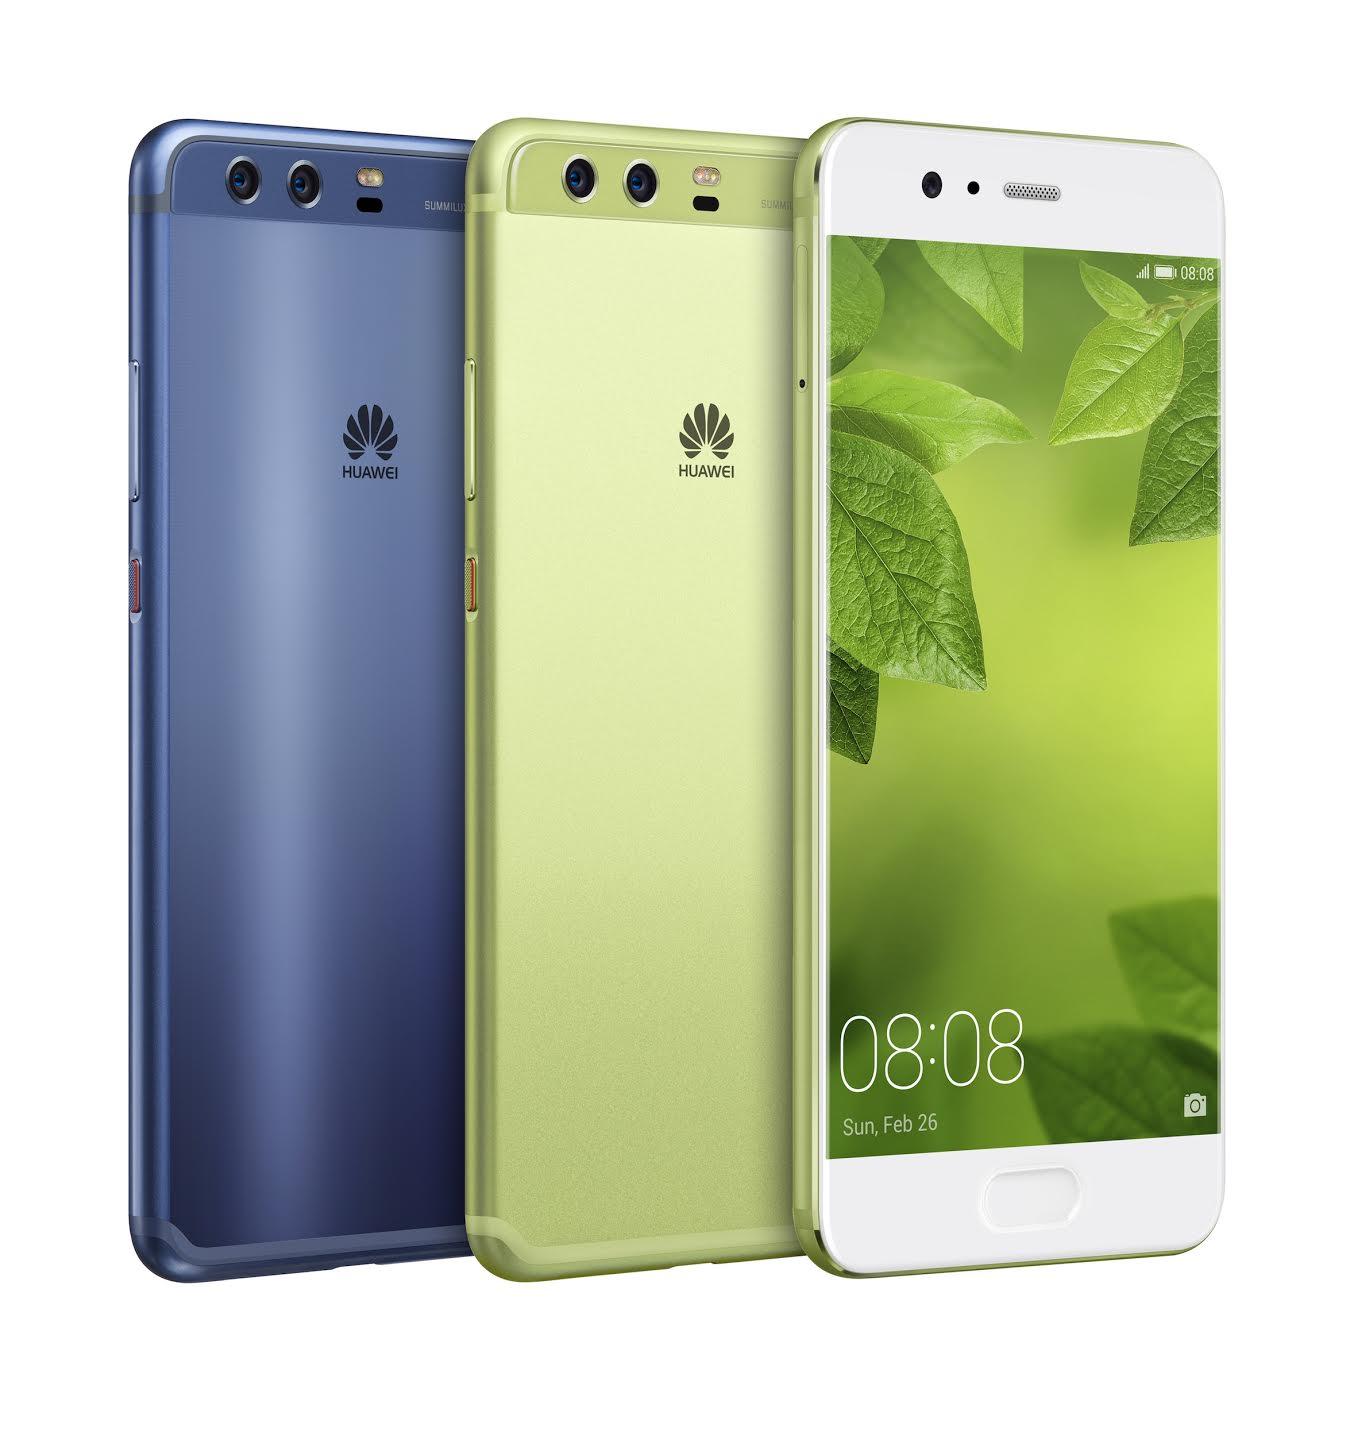 Huawei P10 Plus je pak vybaven ještě pokročilejším duálním fotoaparátem 1ad59f5b23